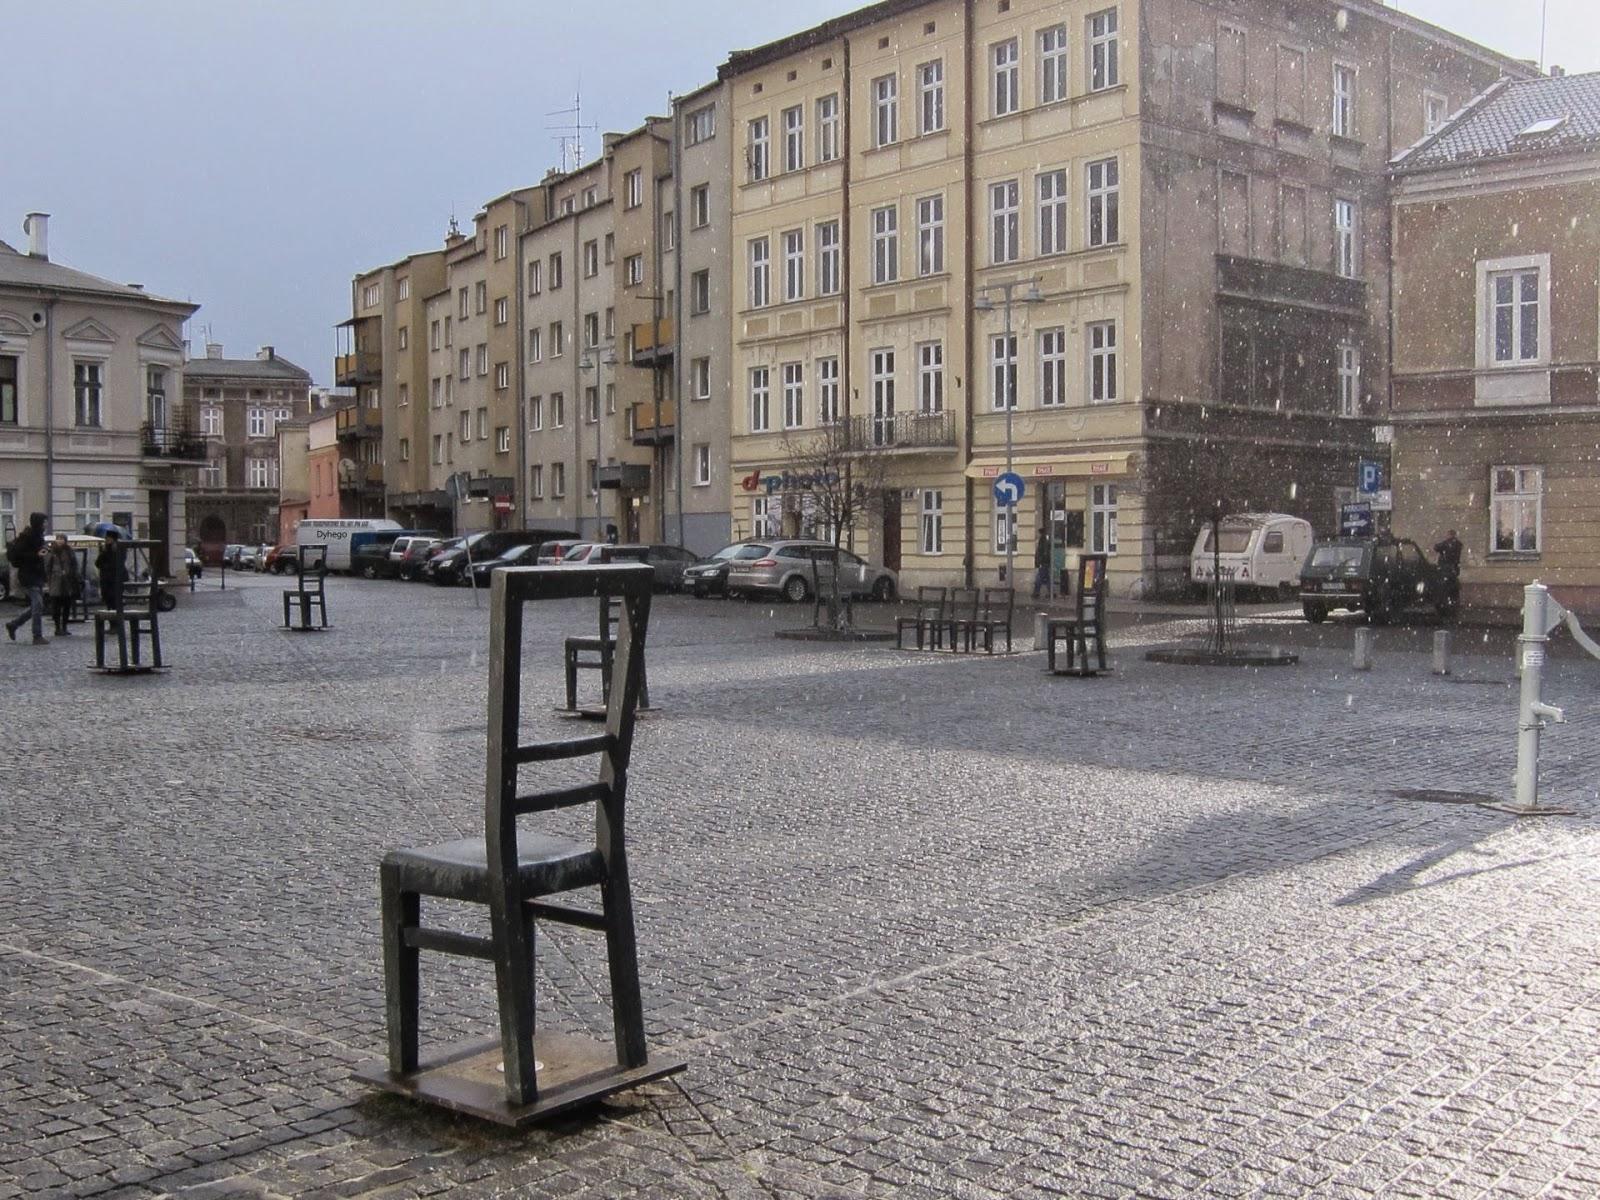 """- Instalación """"La silla vacía"""" en la Plaza Héroes del Gueto donde estaba la Umschlagplatz, Cracovia.Obra de Piotr Lewicki y Kazimierz Latak"""